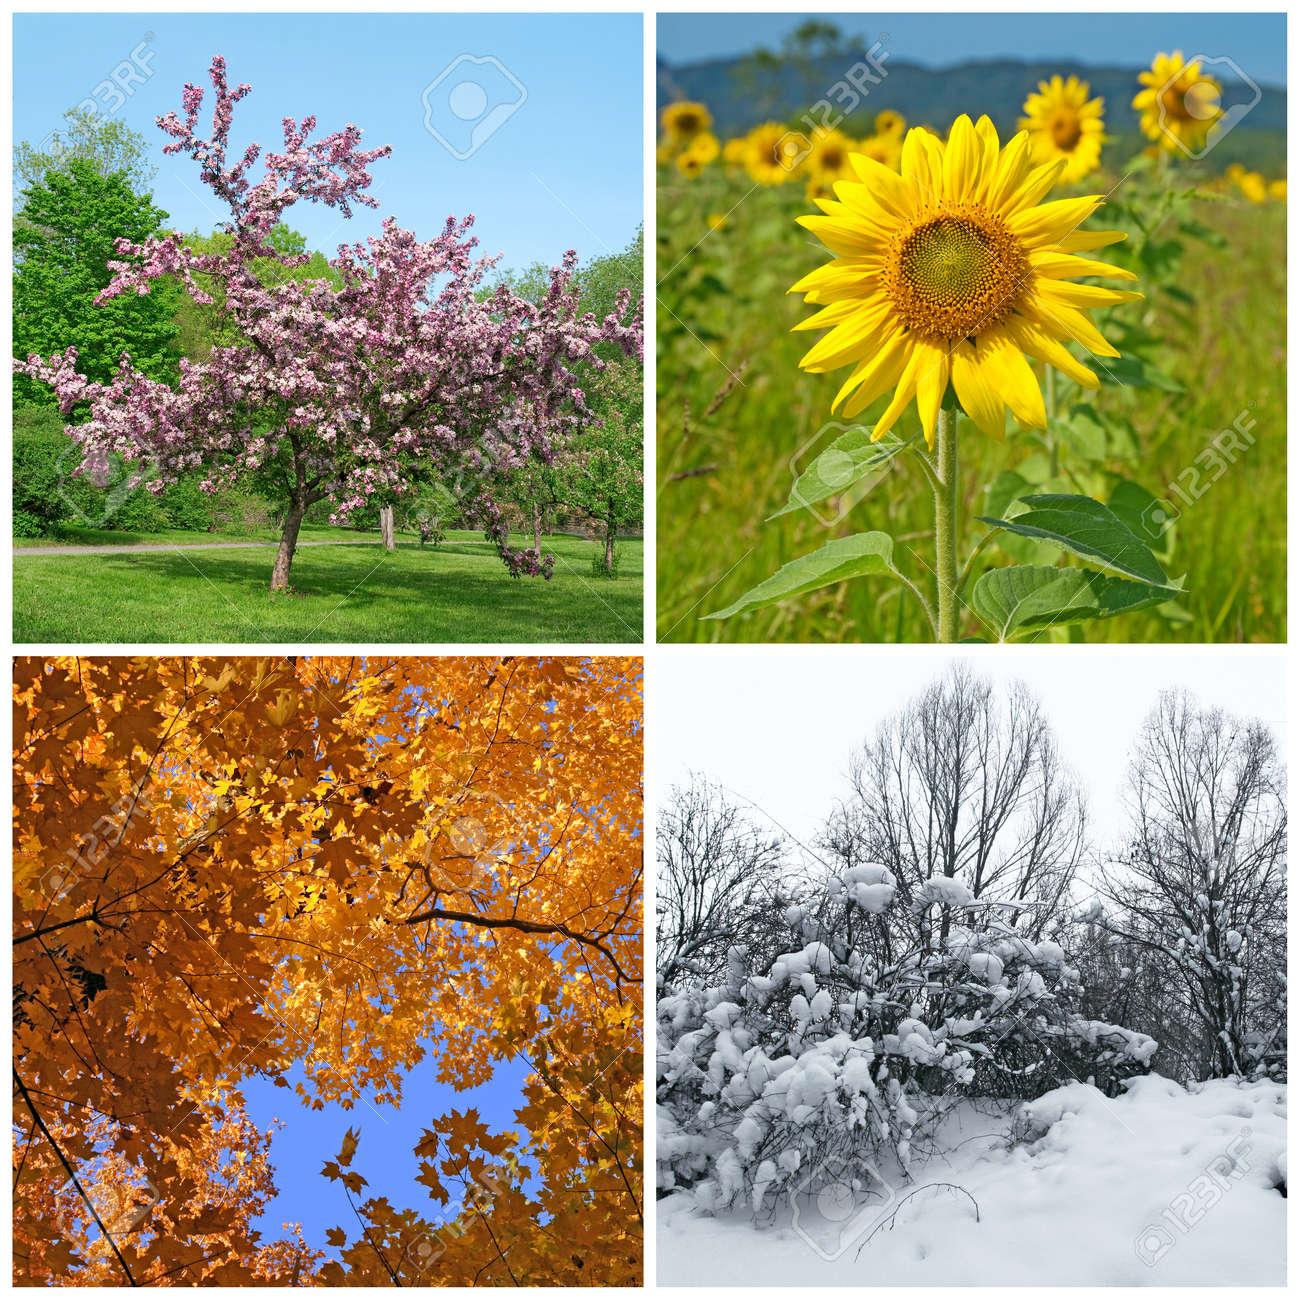 3d9b1ed4c9 Die vier Jahreszeiten Frühling, Sommer, Herbst und Winter Landschaften  Standard-Bild - 12972876